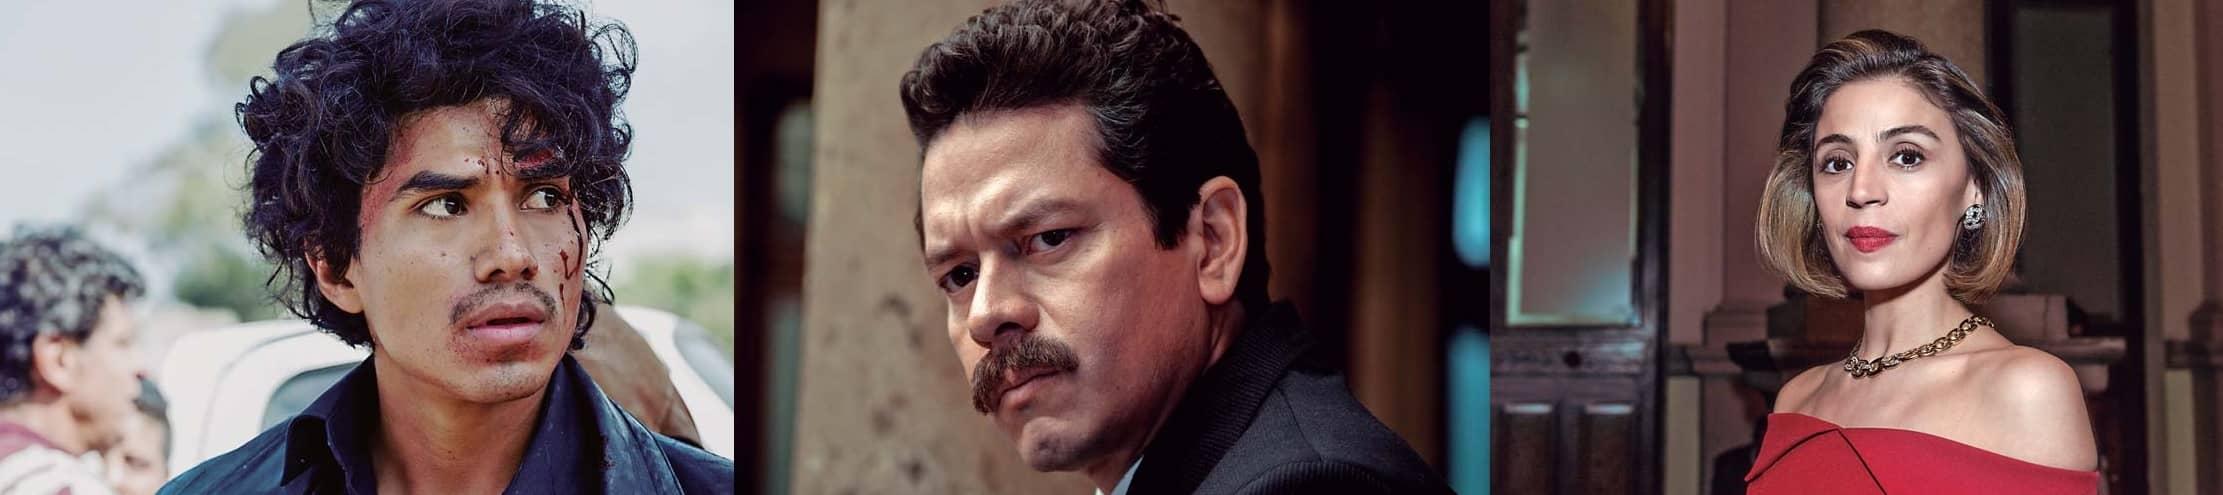 25 aniversario del magnicidio - La historia que marcó a México